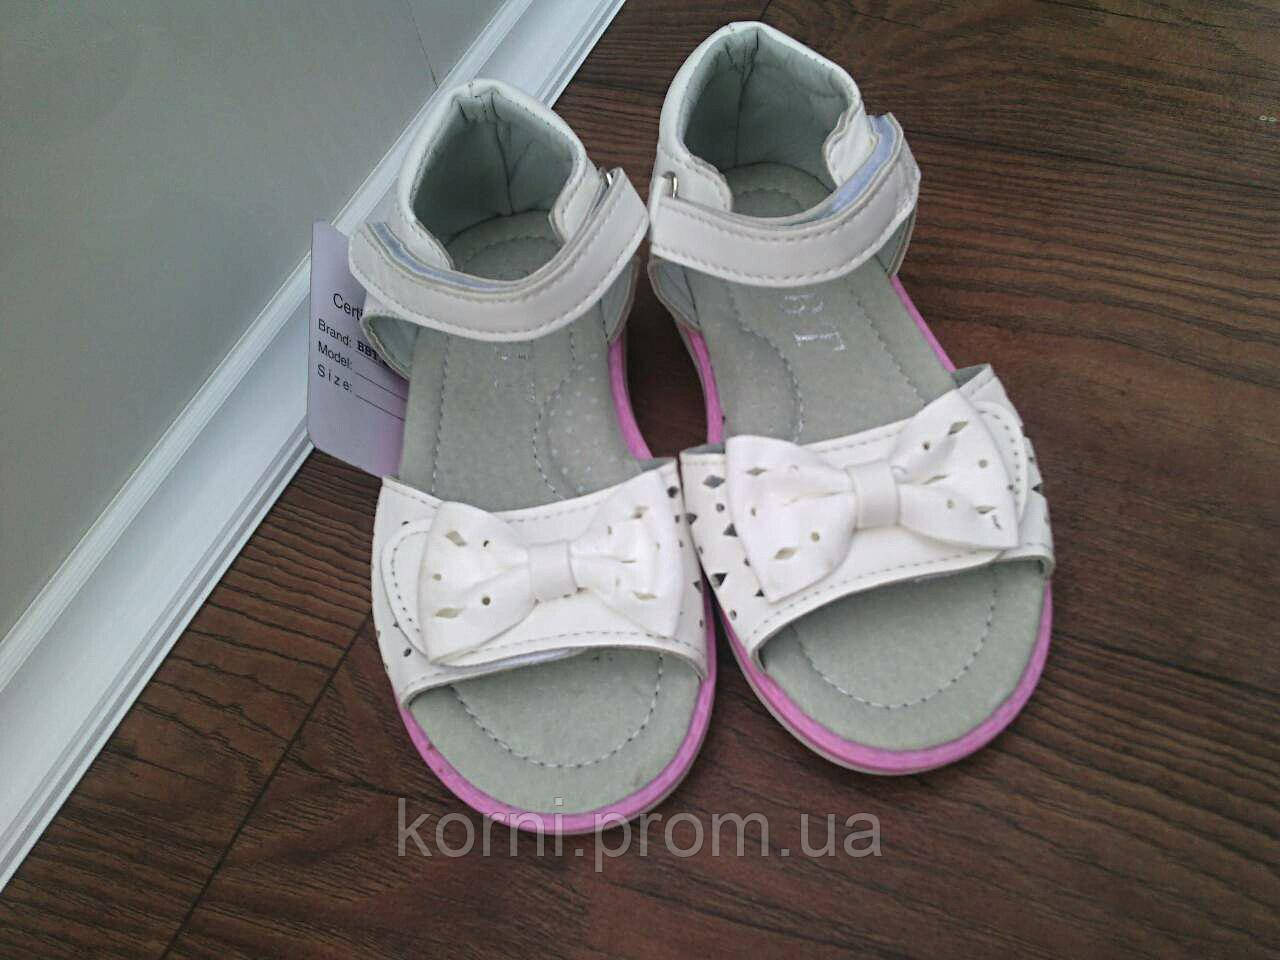 72c78538c Белые босоножки нарядные сандали для девочки размер 27 - Интернет-магазин